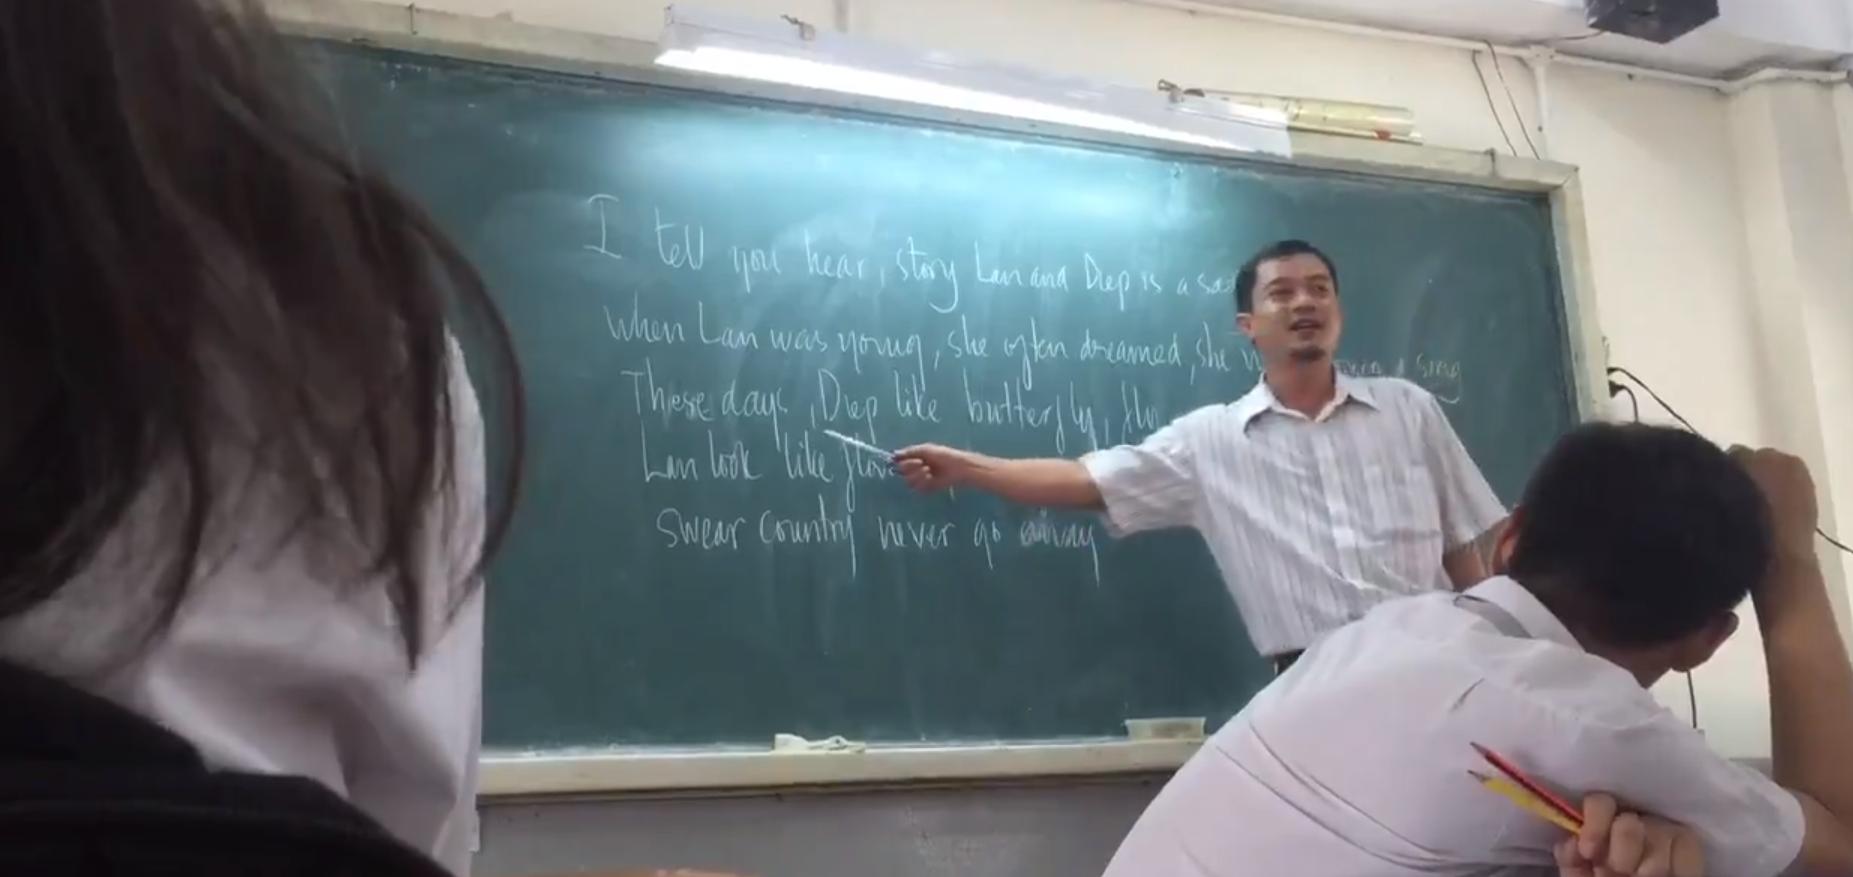 Hình ảnh thầy Hùng dạy tiếng Anh bằng nhạc Tài Smile khiến dân mạng thích thú